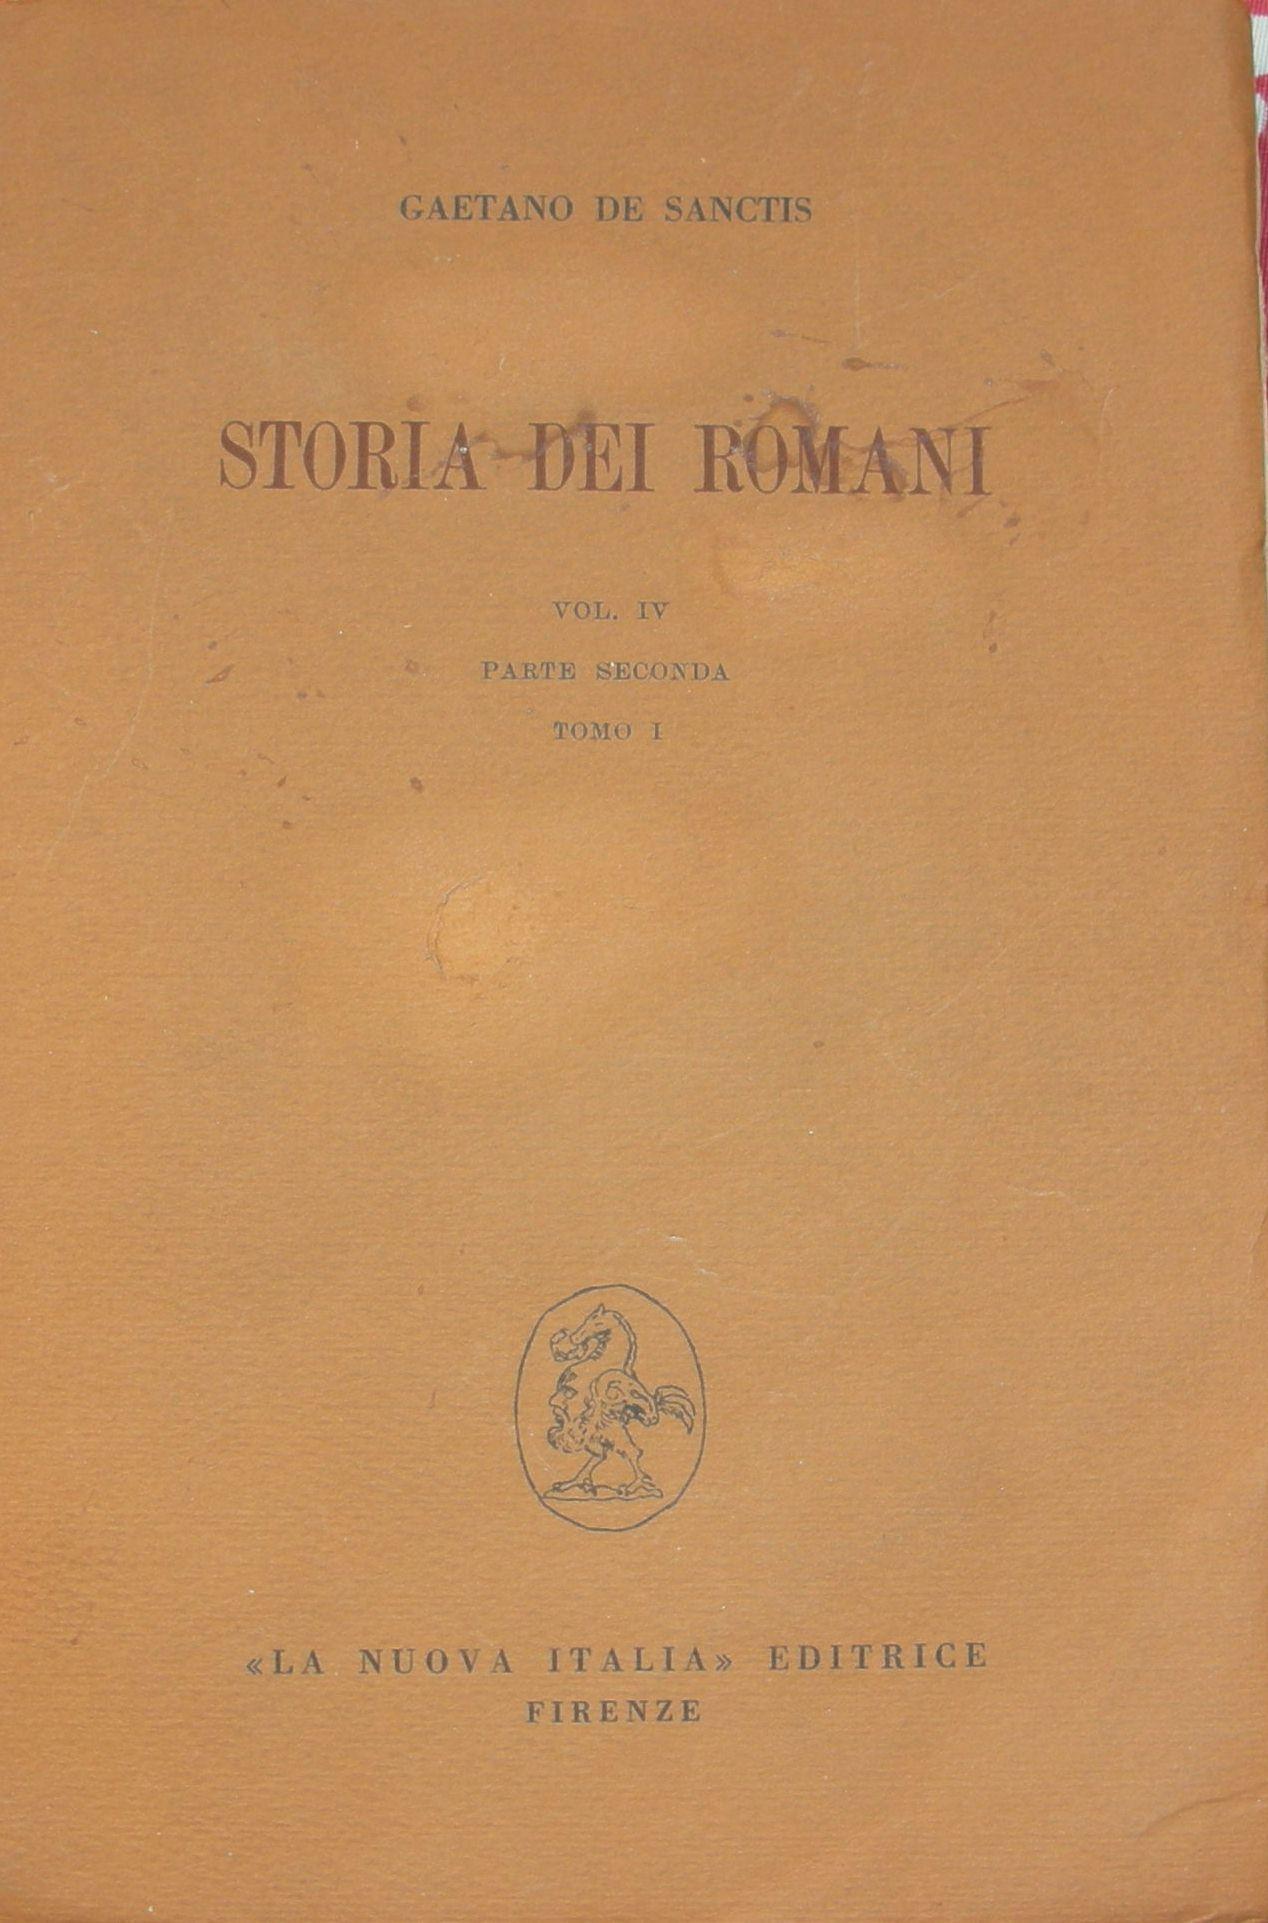 Storia dei Romani - Vol. IV - Parte II - Tomo 1